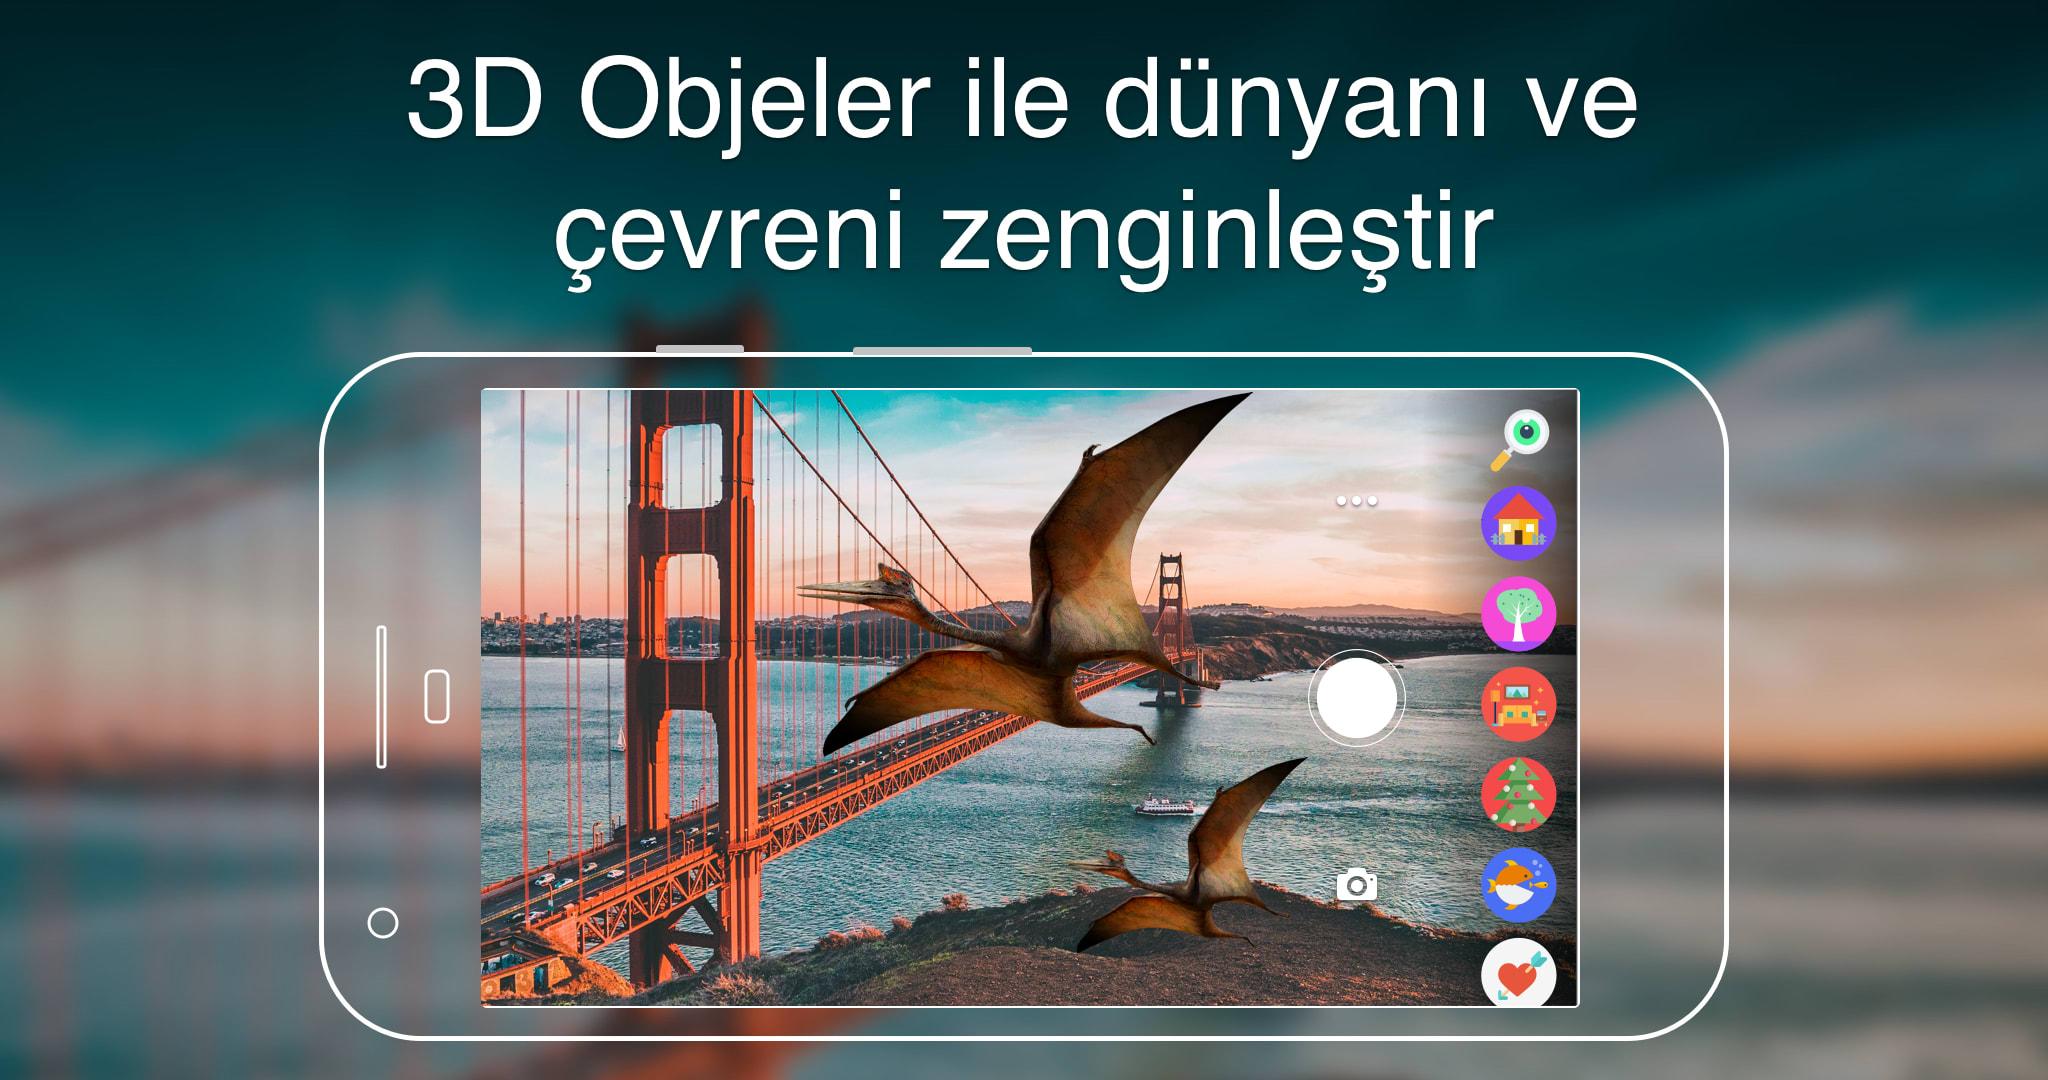 AR uygulaması Surreal yeniden markalaşarak betaworks'ün özel programına dahil oluyor